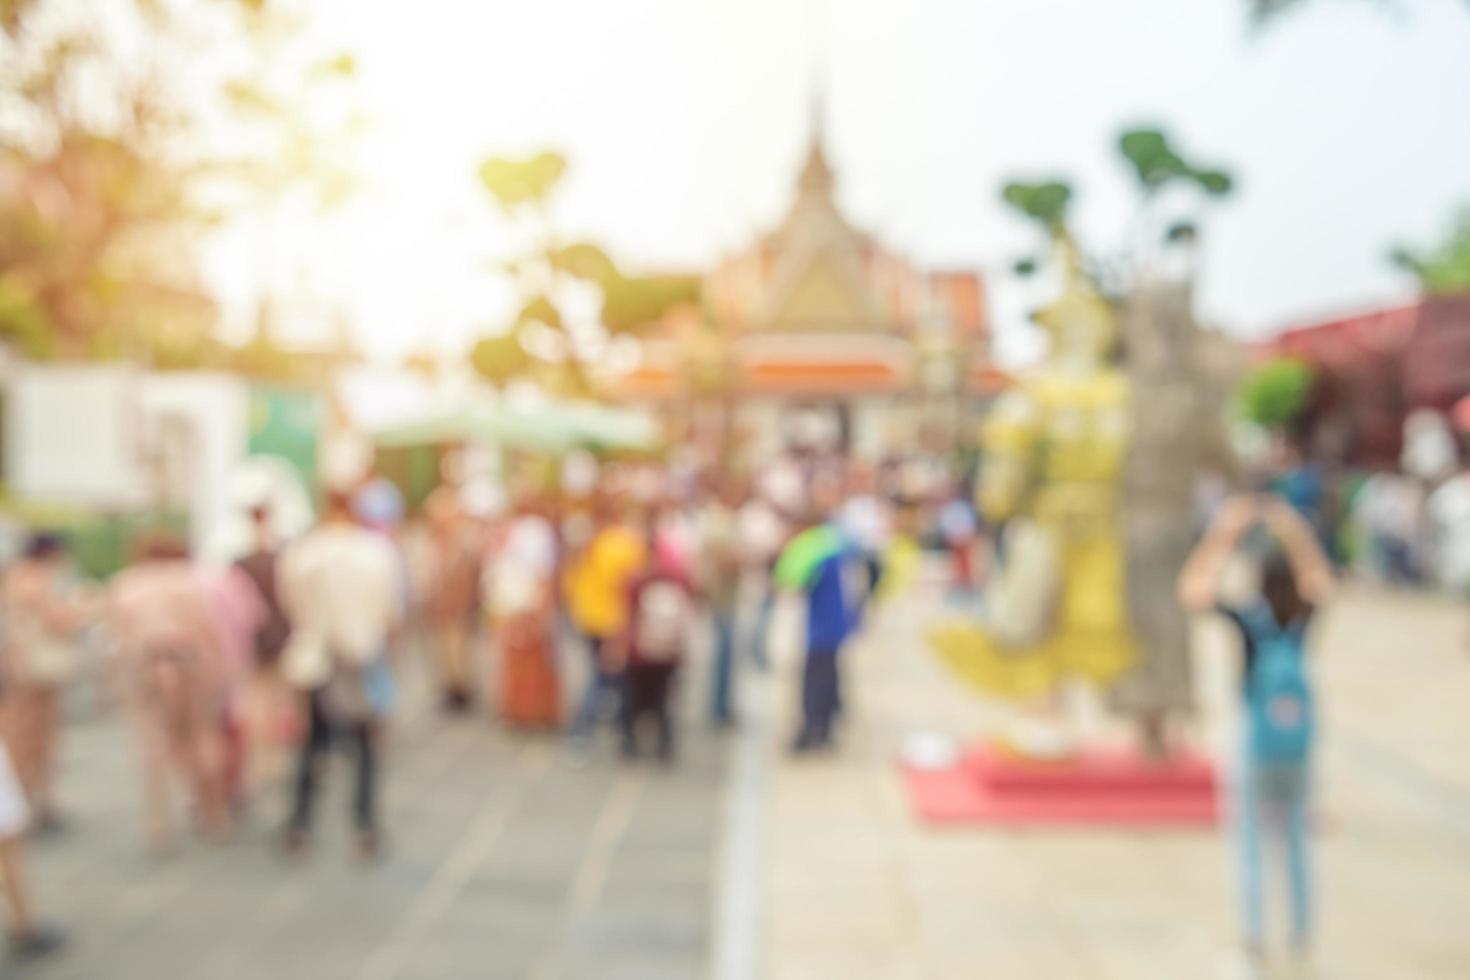 abstrakt verschwommen von Menschenmenge am Wat Arun Tempel foto